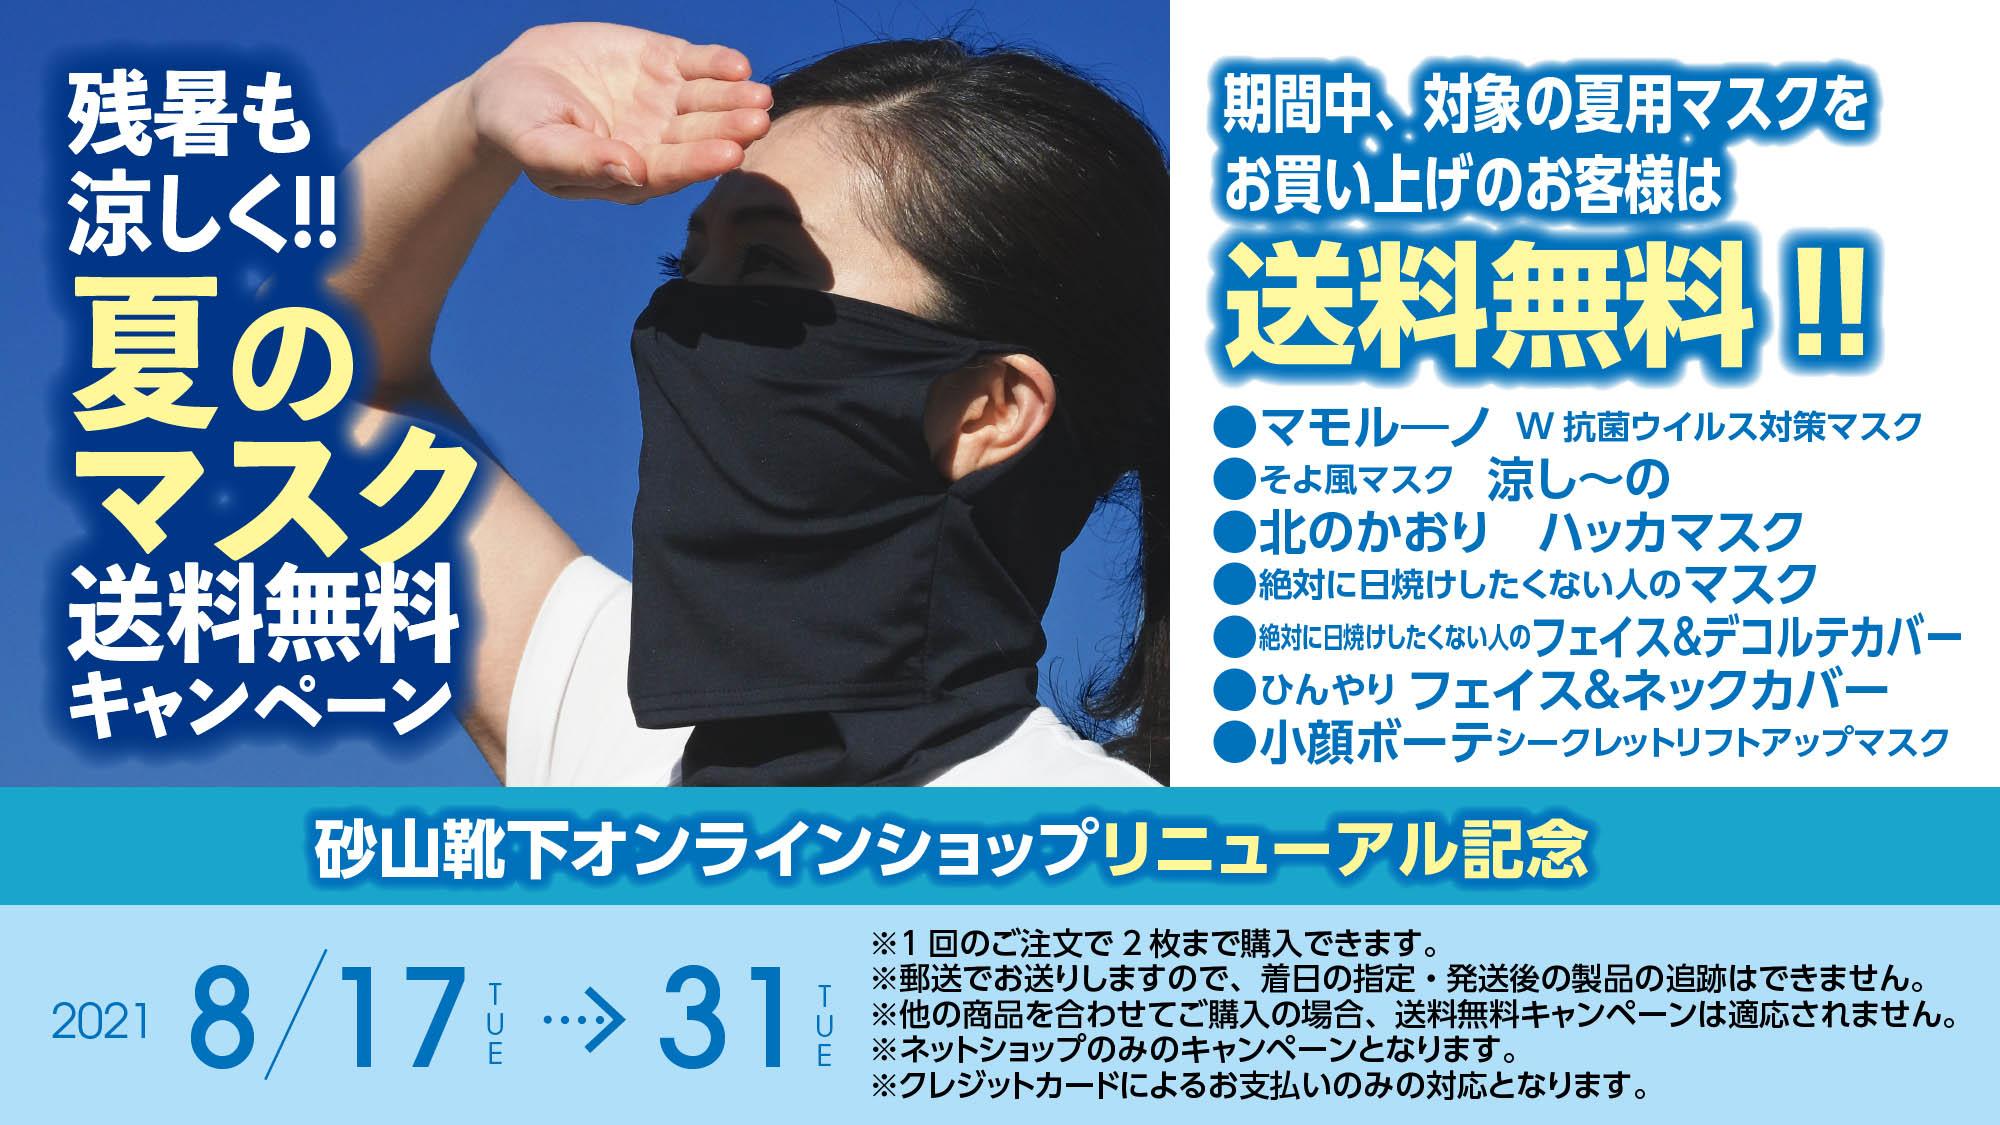 残暑も涼しく!!「夏のマスク」送料無料キャンペーン